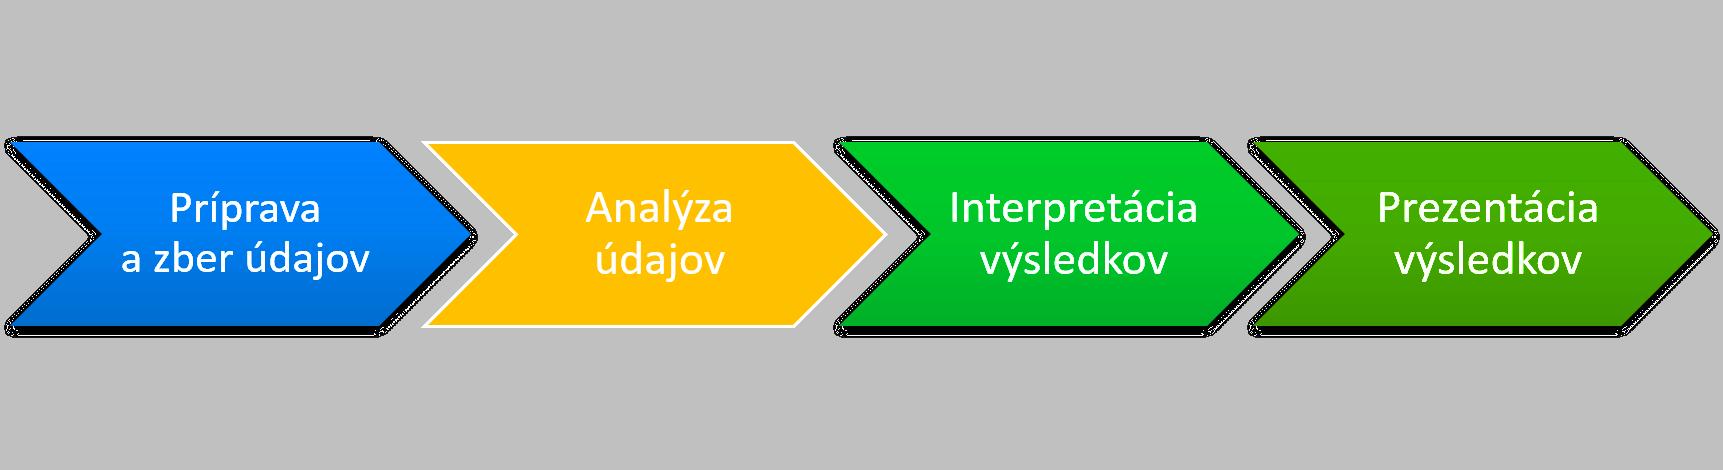 štatistika v Exceli - jednotlivé fázy procesu analýzy údajov od prípravy a zberu cez samotnú analýzu až po interpretáciu a prezentáciu výsledkov